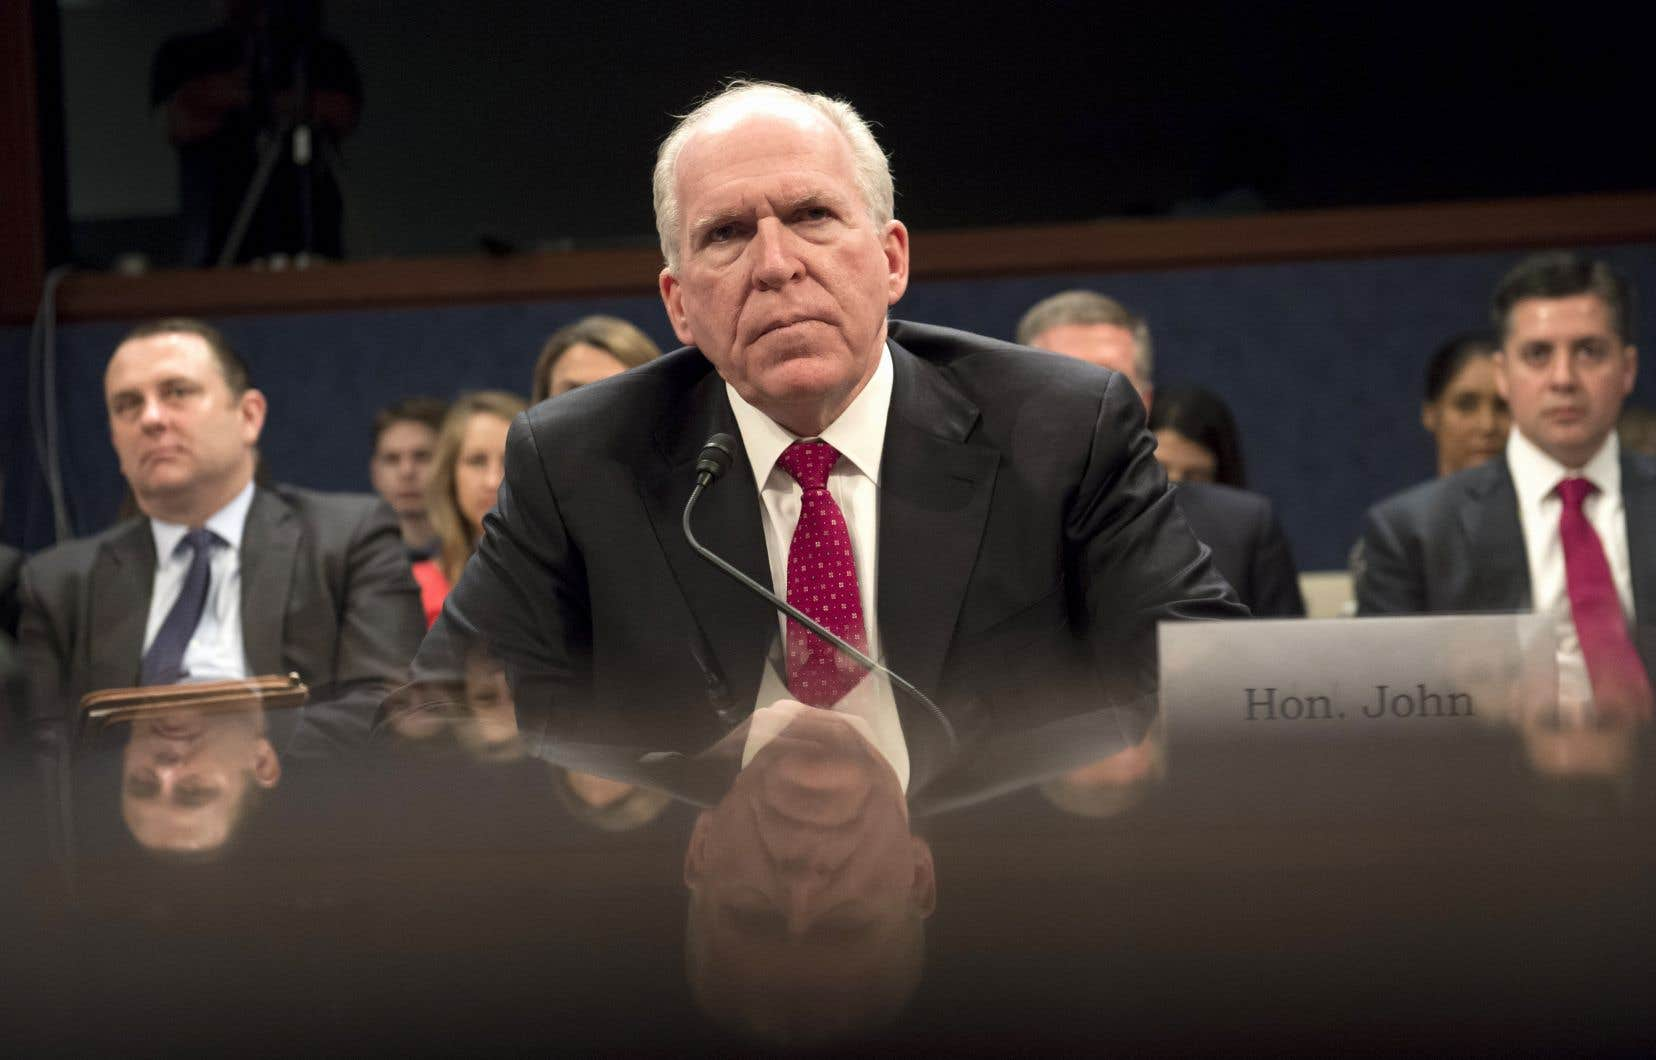 L'ancien patron de la CIA de 2013 à 2017 John Brennan lors de son témoignage devant le Congrès américain, en mai 2017